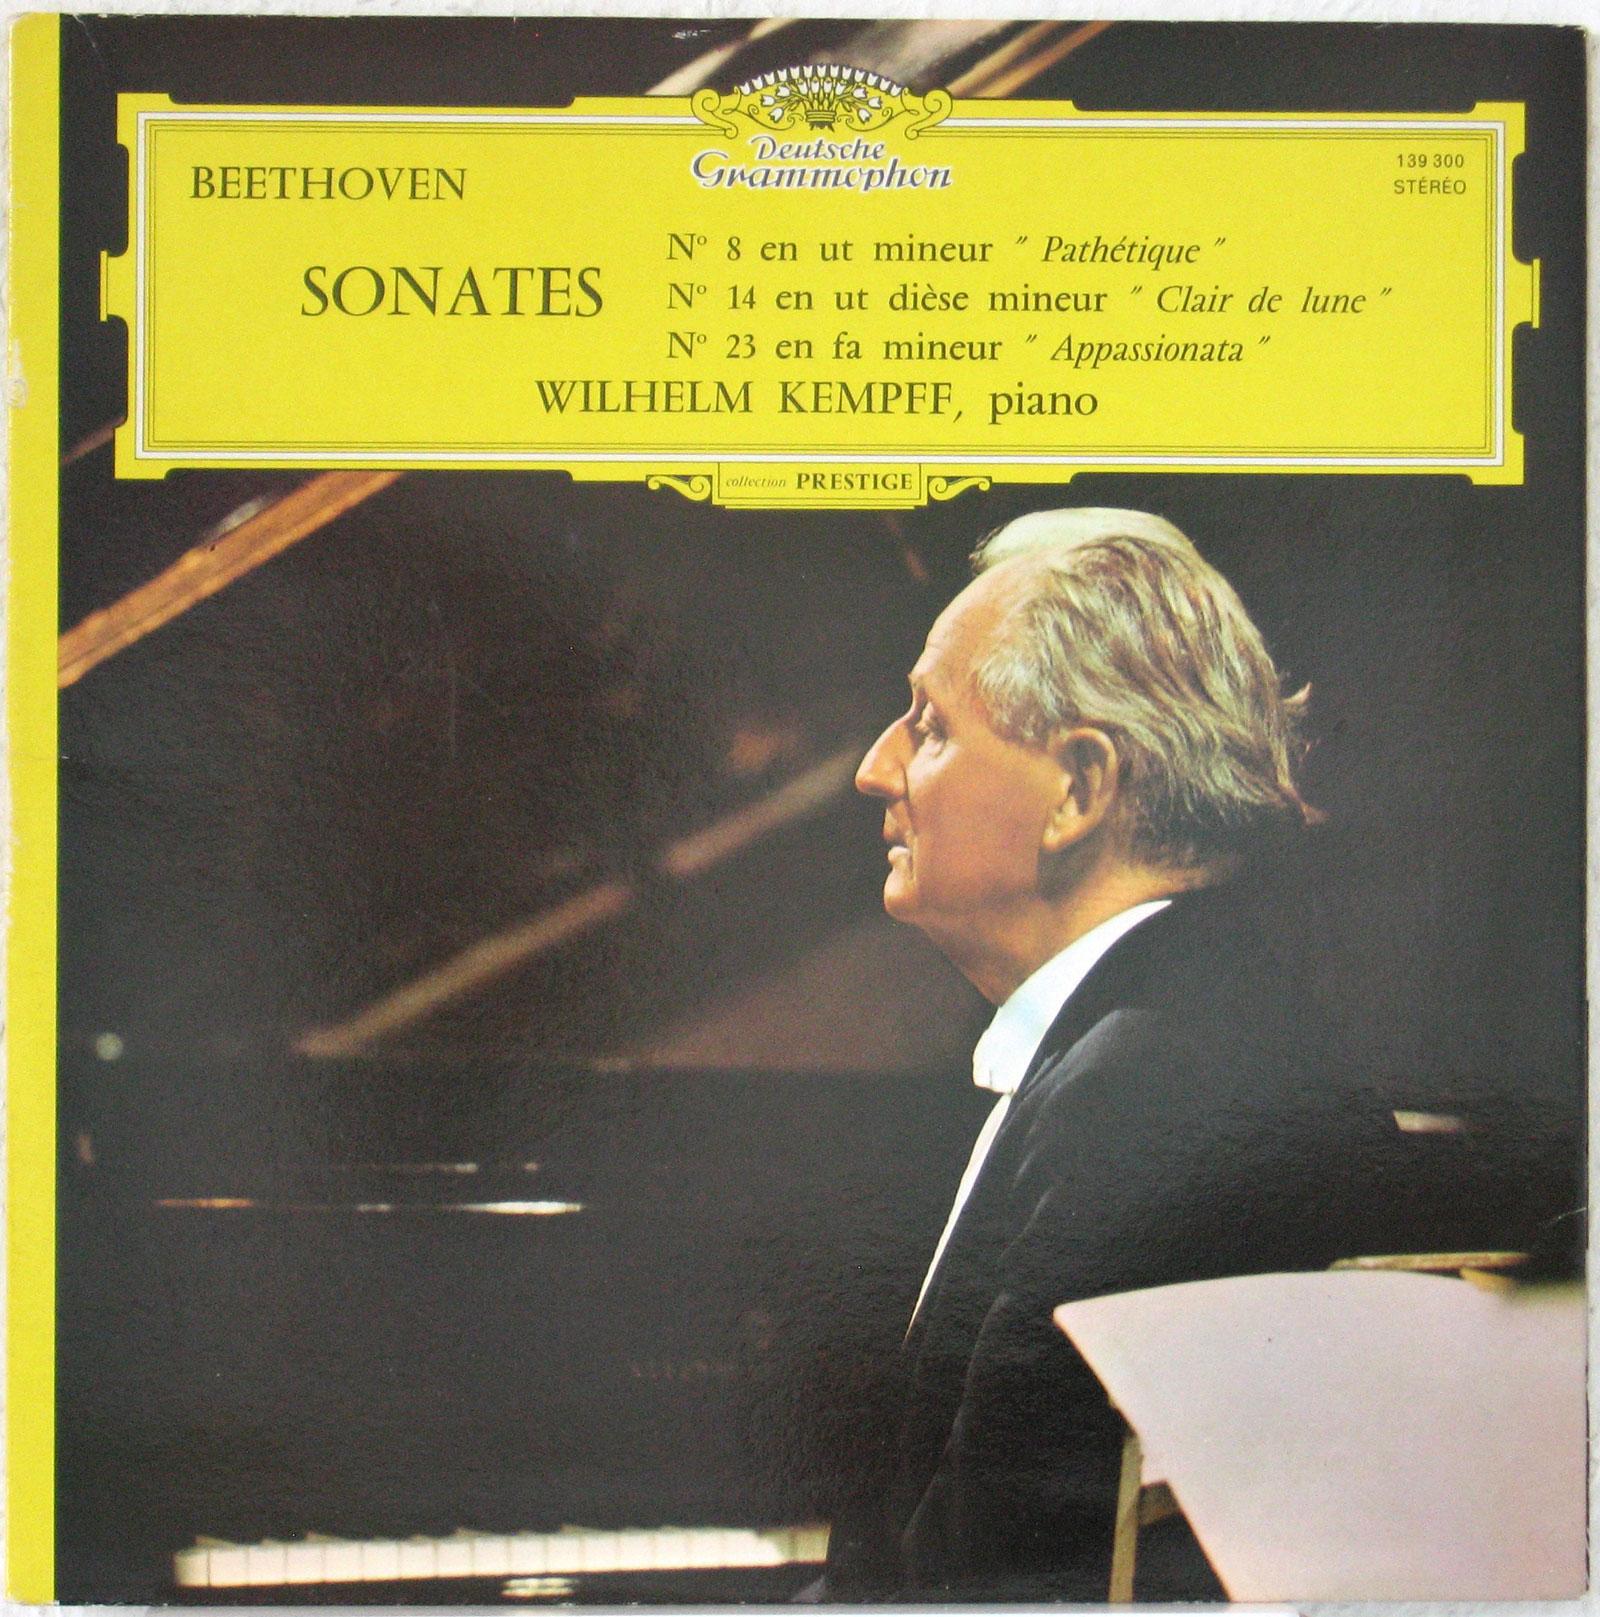 """Beethoven Sonates n° 8 """"Pathétique"""" & 14 """"Mondschein"""" & 23 """"Appassionata"""" DGG 139 300 Wilhelm Kempff"""